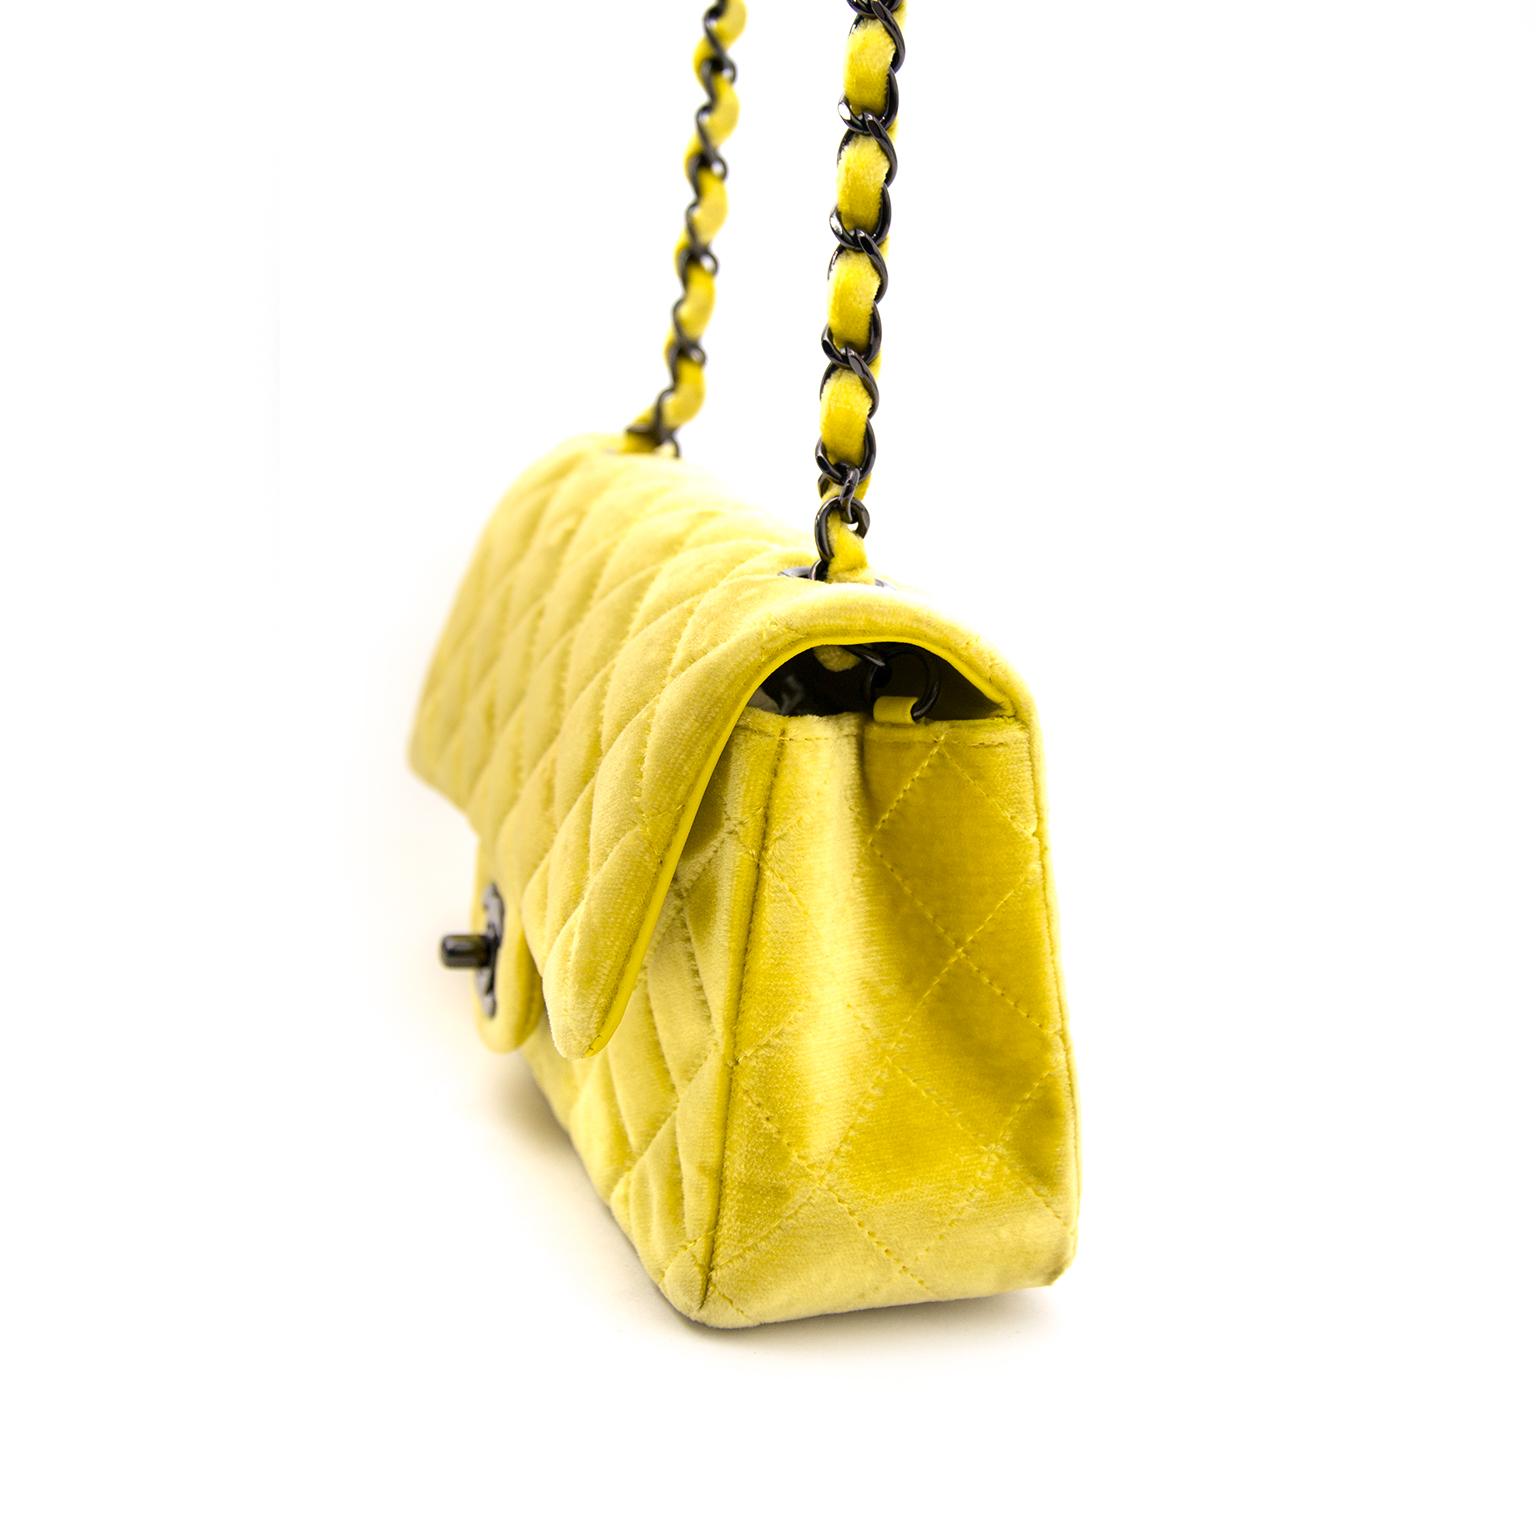 acheter en ligne chanel jaune velvet classic new mini flap bag pour le meilleur prix